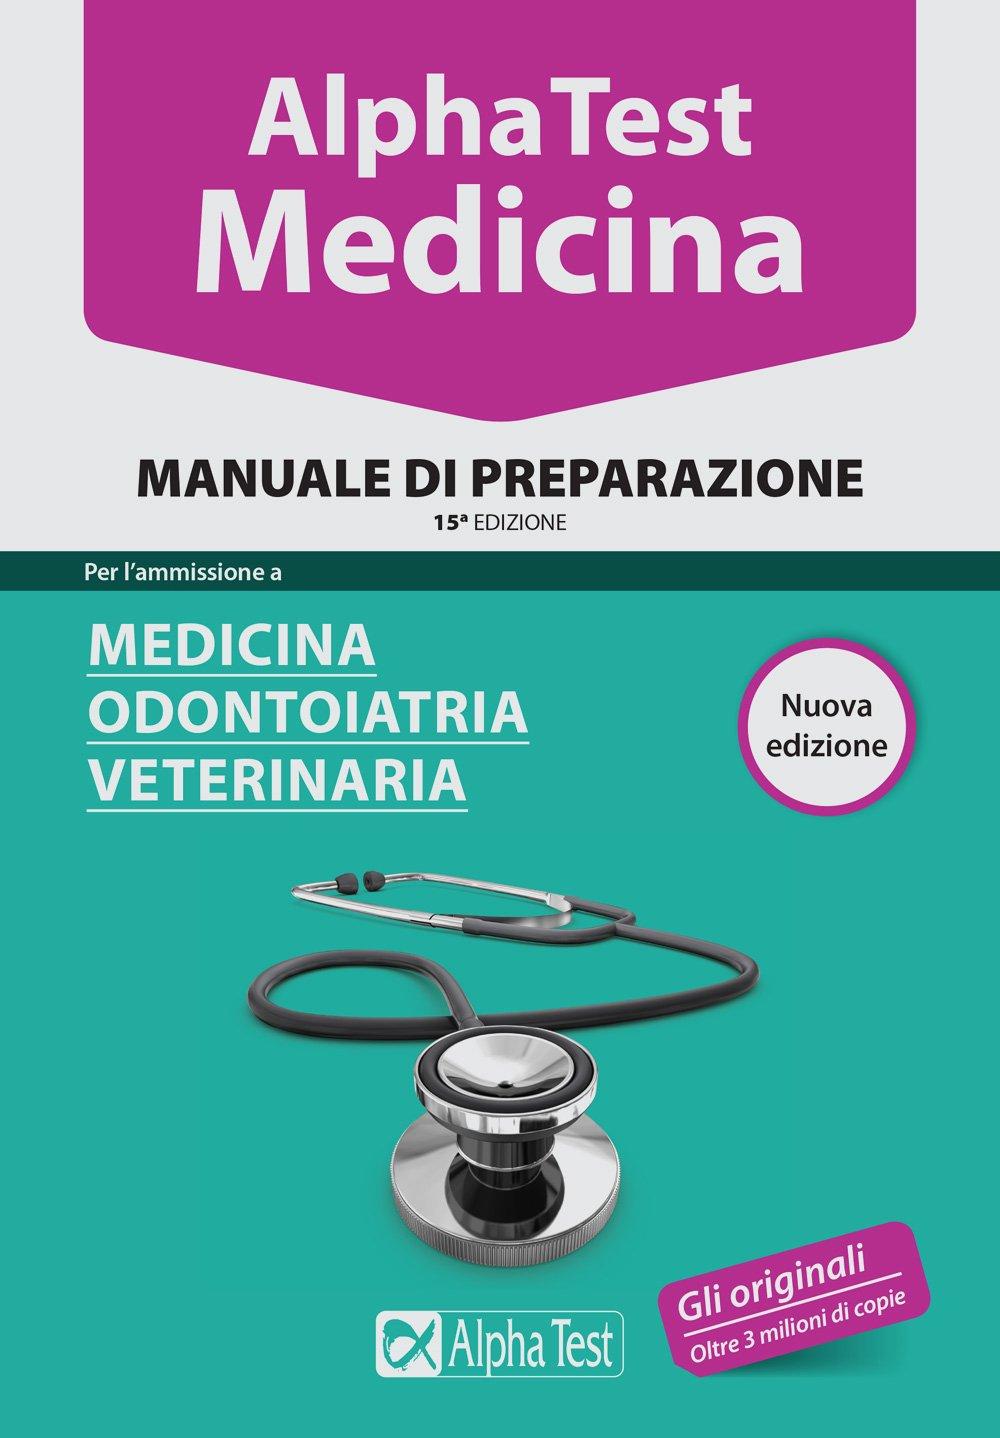 Alpha Test medicina 2016 – Manuale